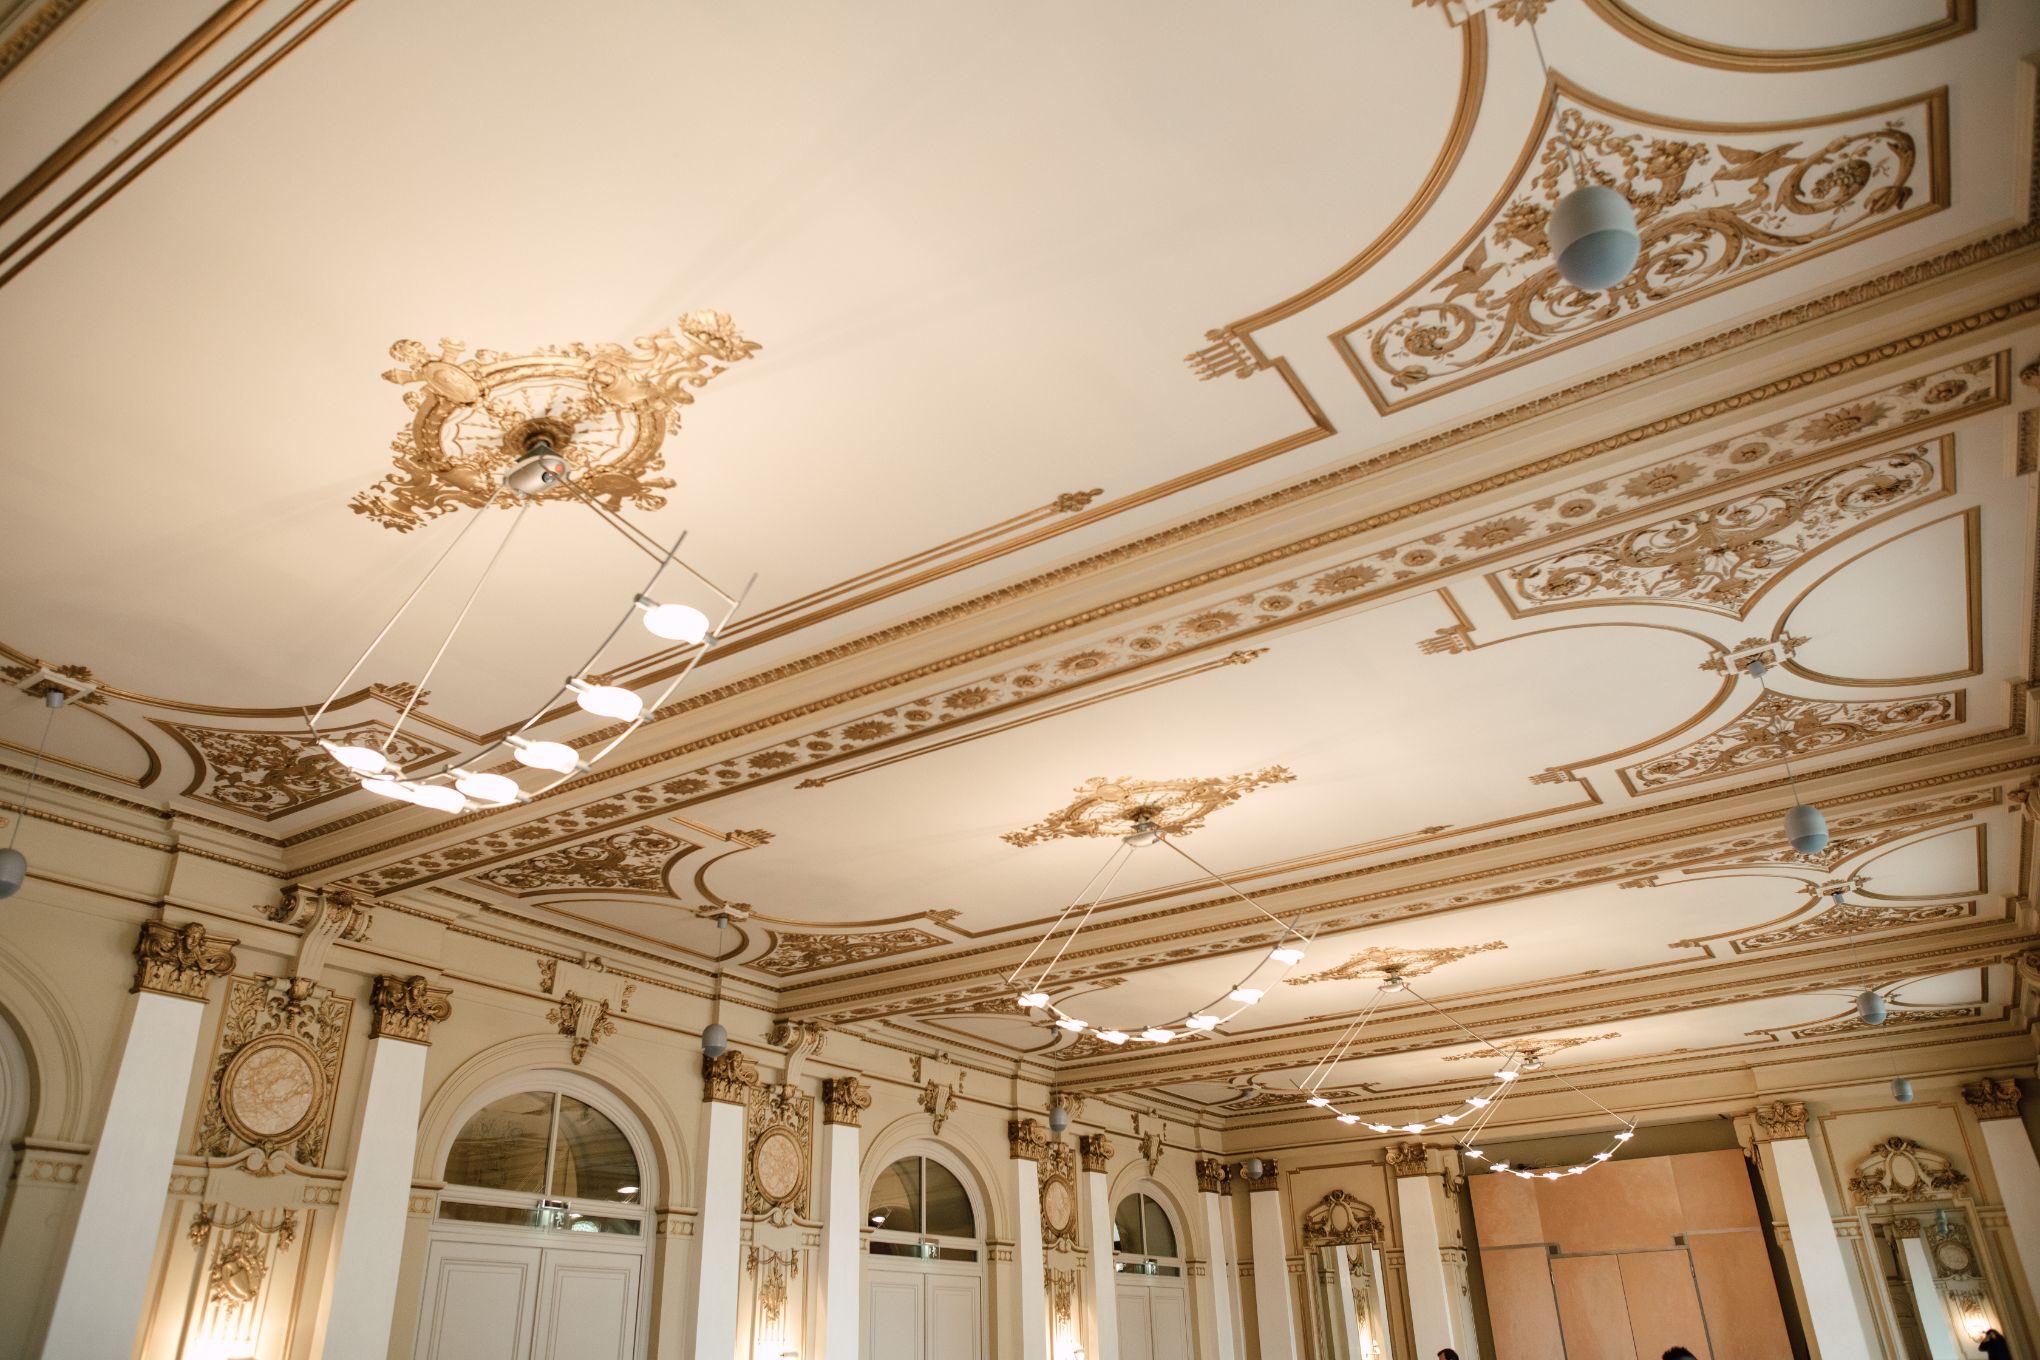 Historische-Stadthalle-Wuppertal-Hochzeit-The-Saums-KN-3-15.jpg